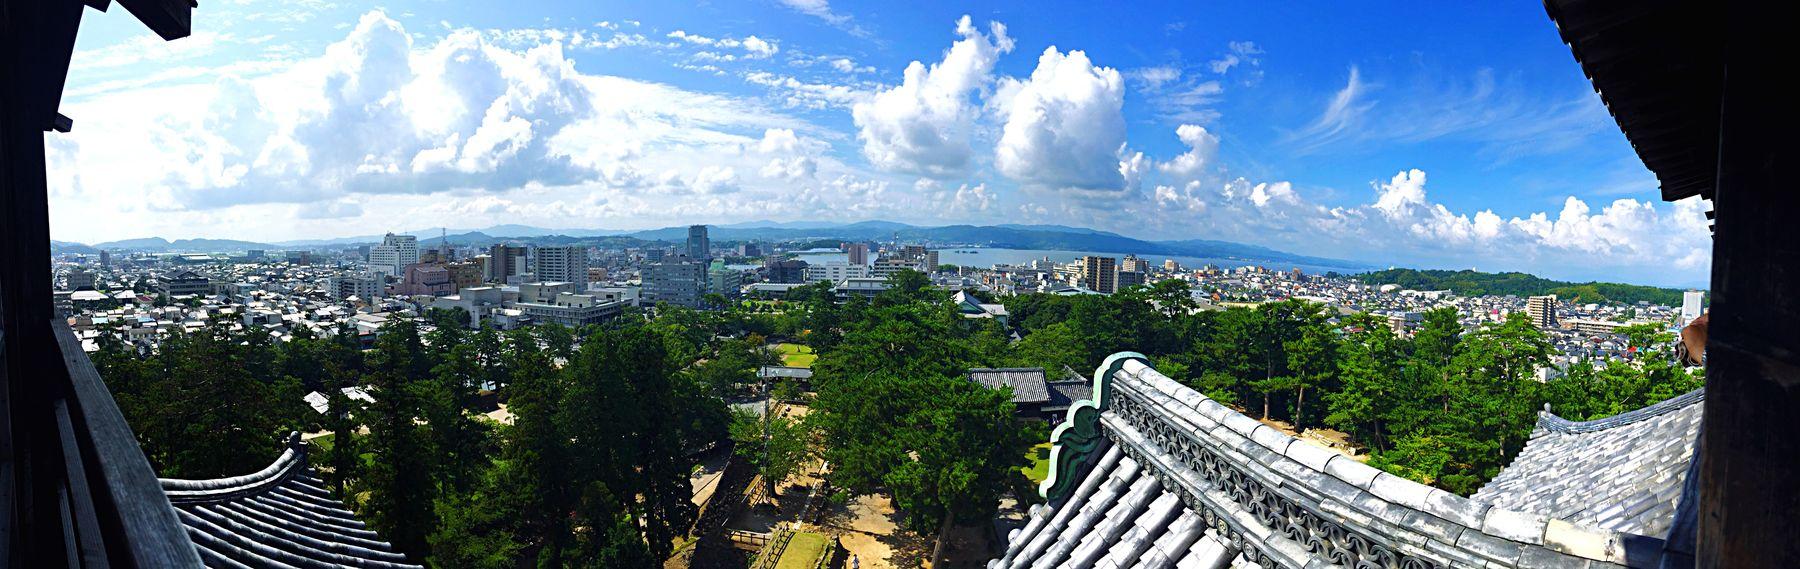 松江城から見た景色 松江城 Castle Scenery Scenery Shots